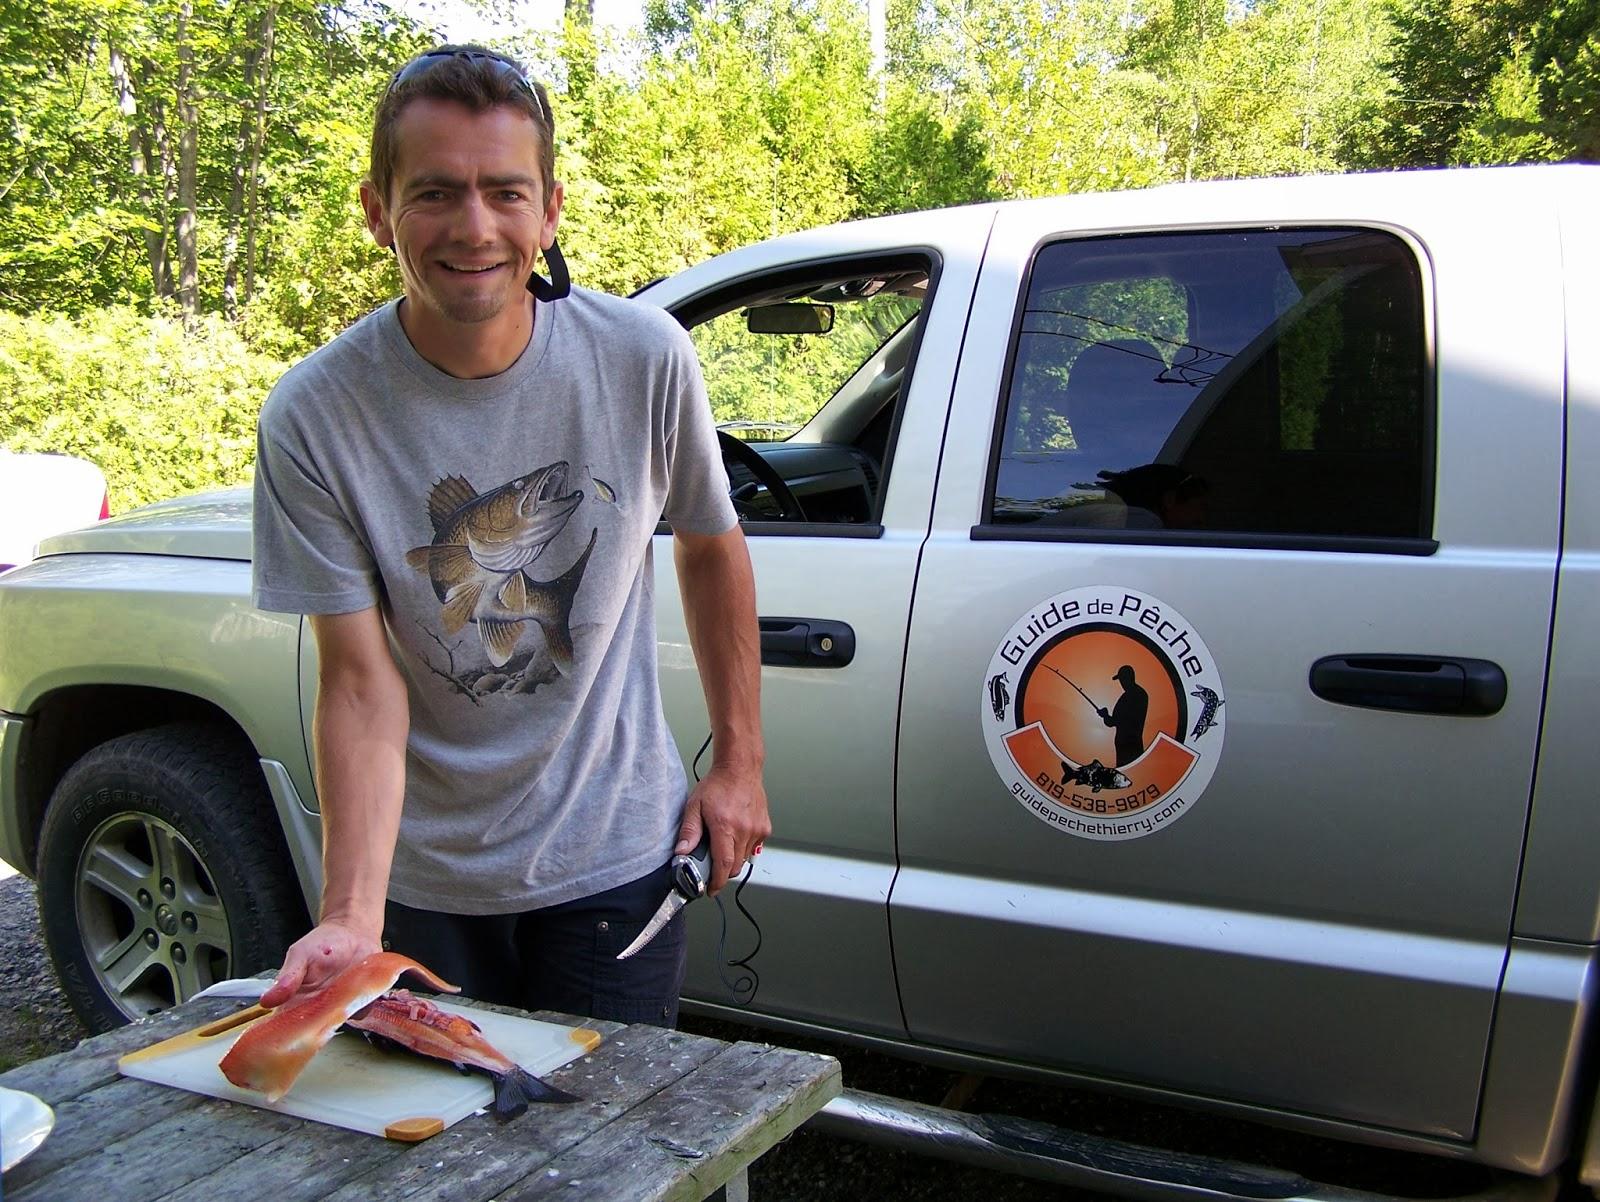 pêche à la grise, pêche au Québec, article sur la pêche, Daniel Lefaivre, pêcheur professionnel, guide de pêche